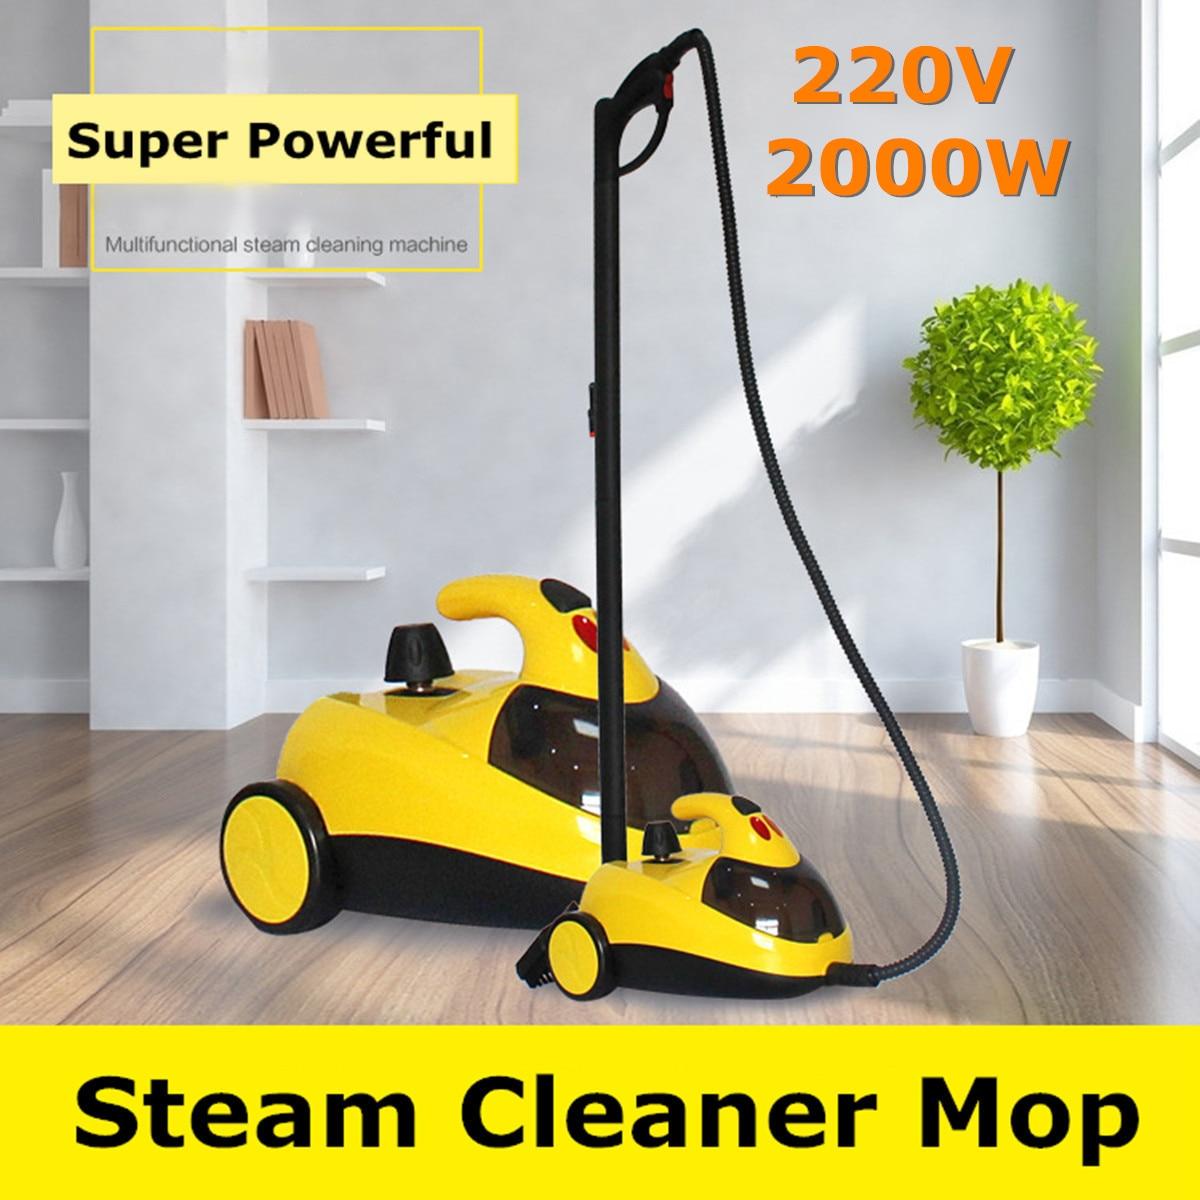 Pavimento Tappeto Cleaner 13in1 AU220V 1.5L4.0 1800 W Bar Lavatrice A Vapore Ad Alta Pressione Macchina di Pulizia 360 Ruota per il Bagno Pulito auto